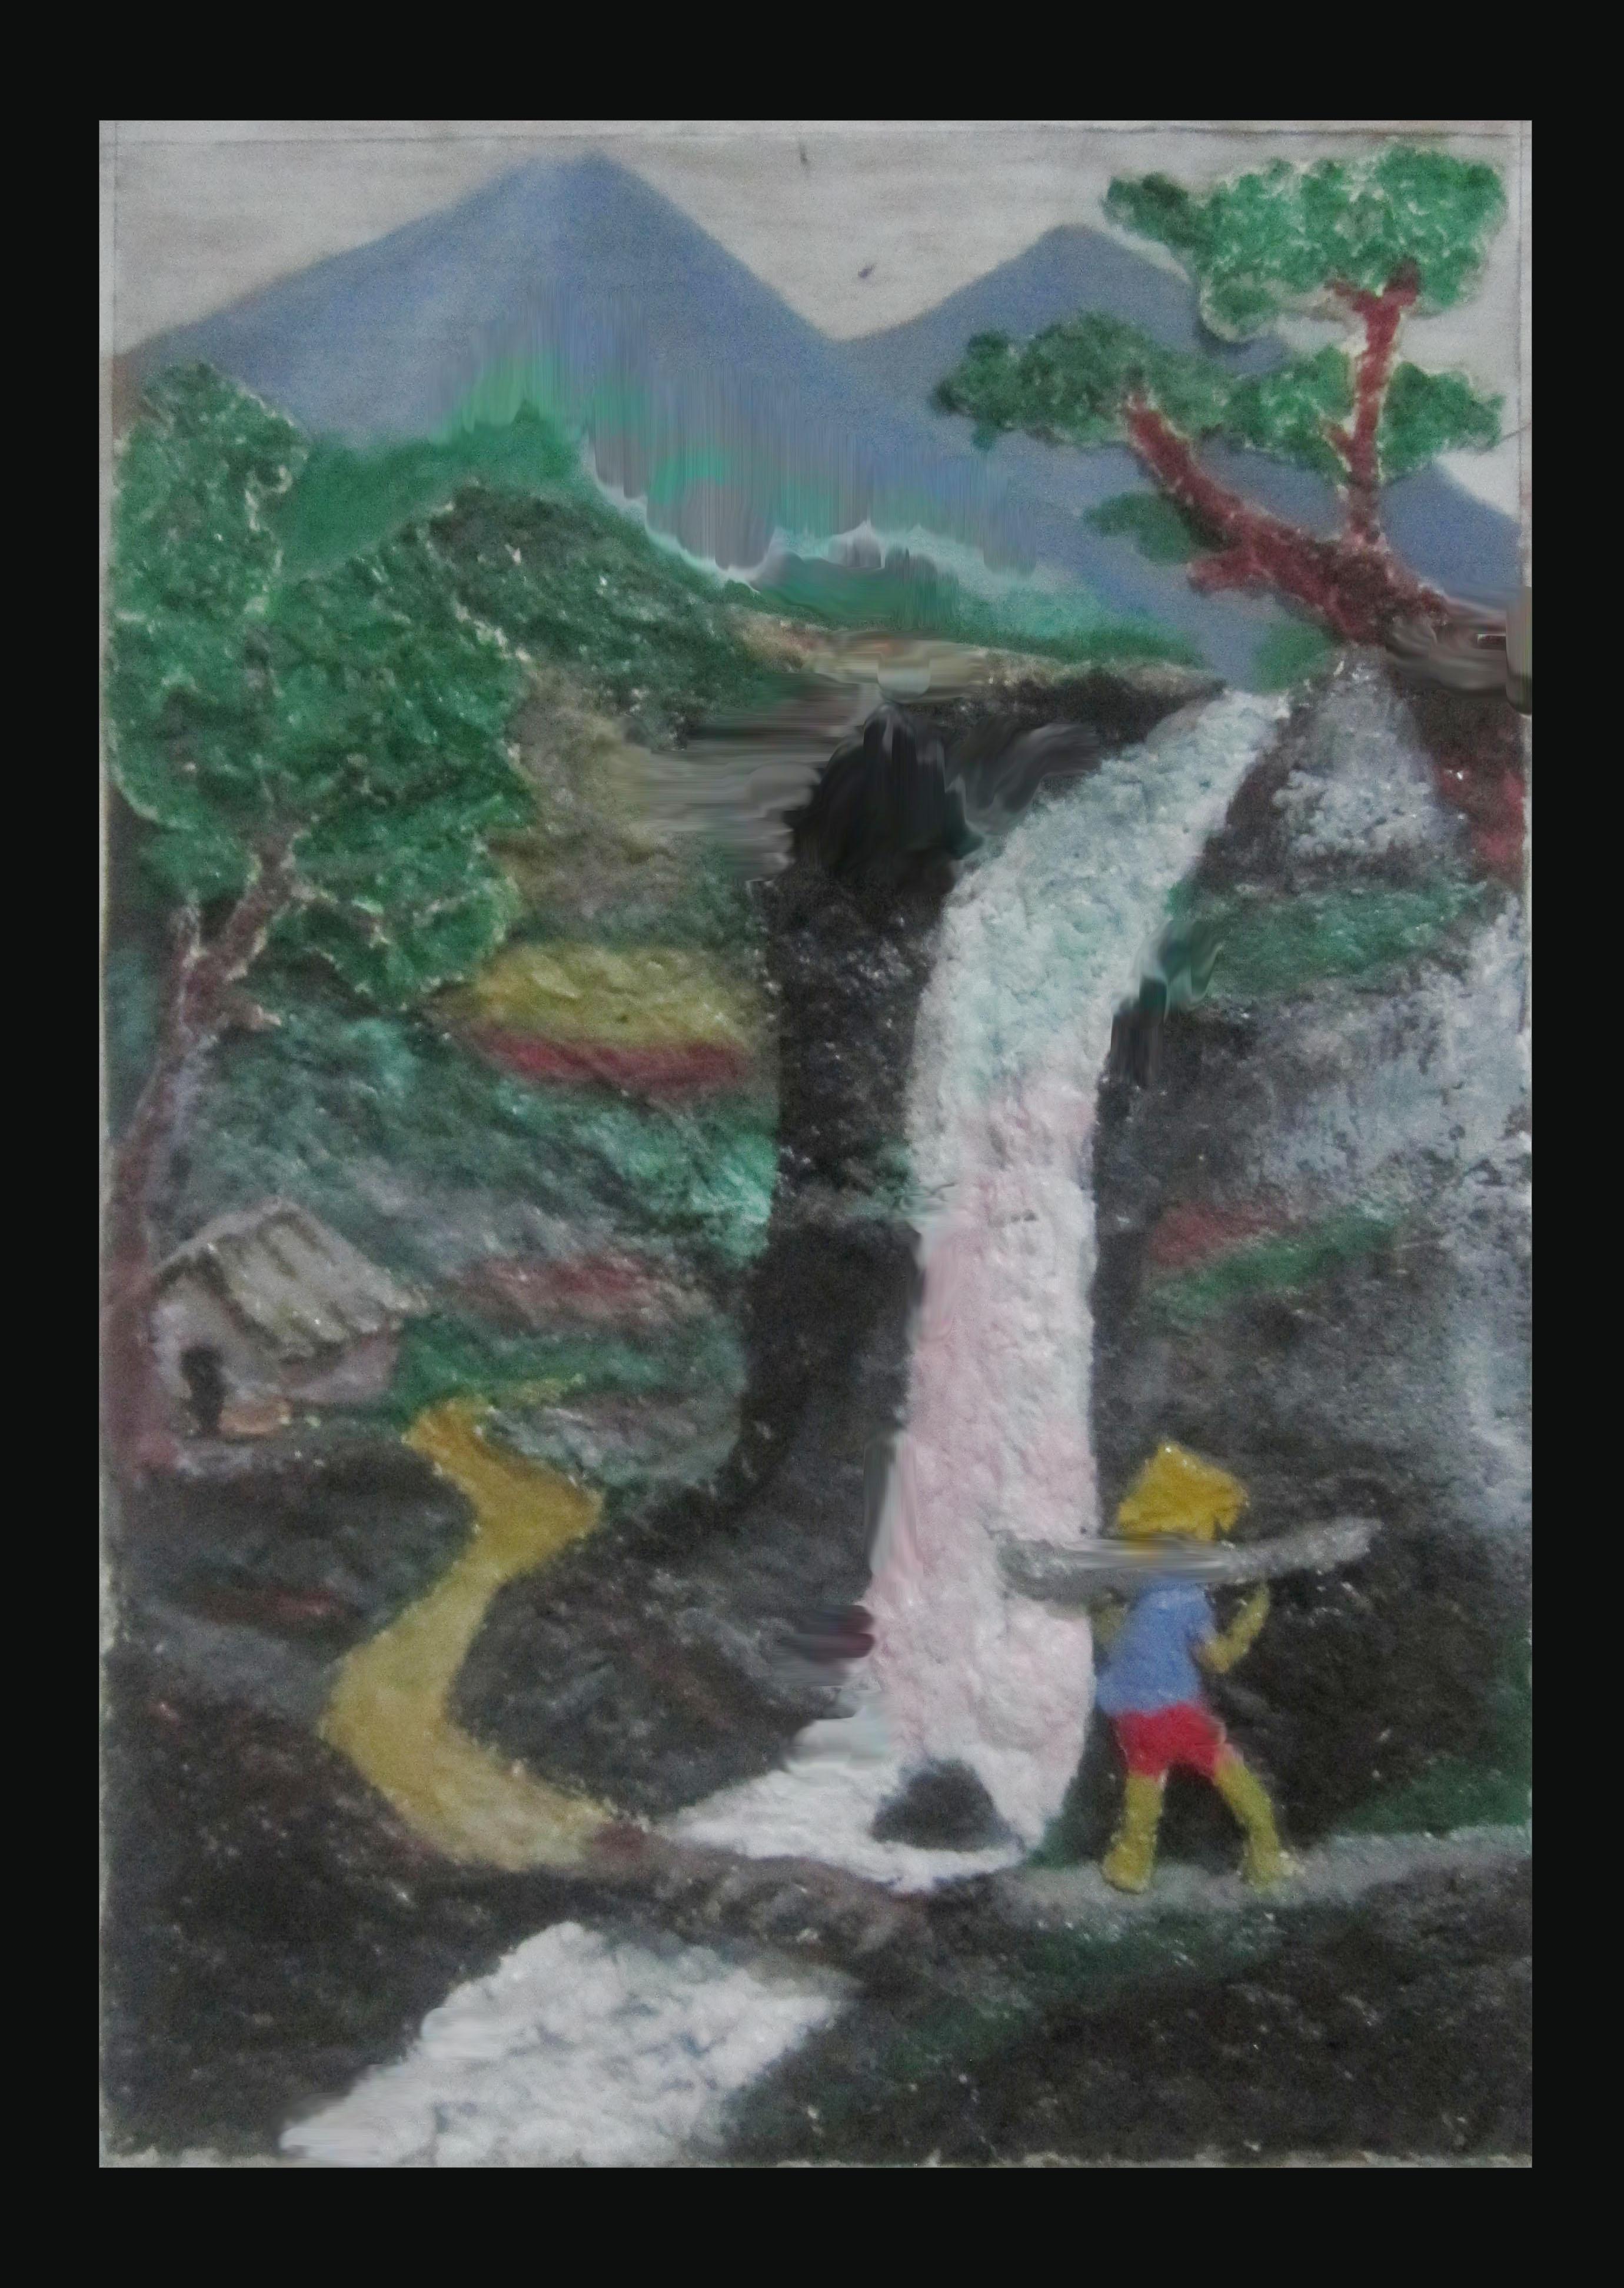 Lukisan Dari Bubur Kertas : lukisan, bubur, kertas, Lukisan, Terjun, Herycraft